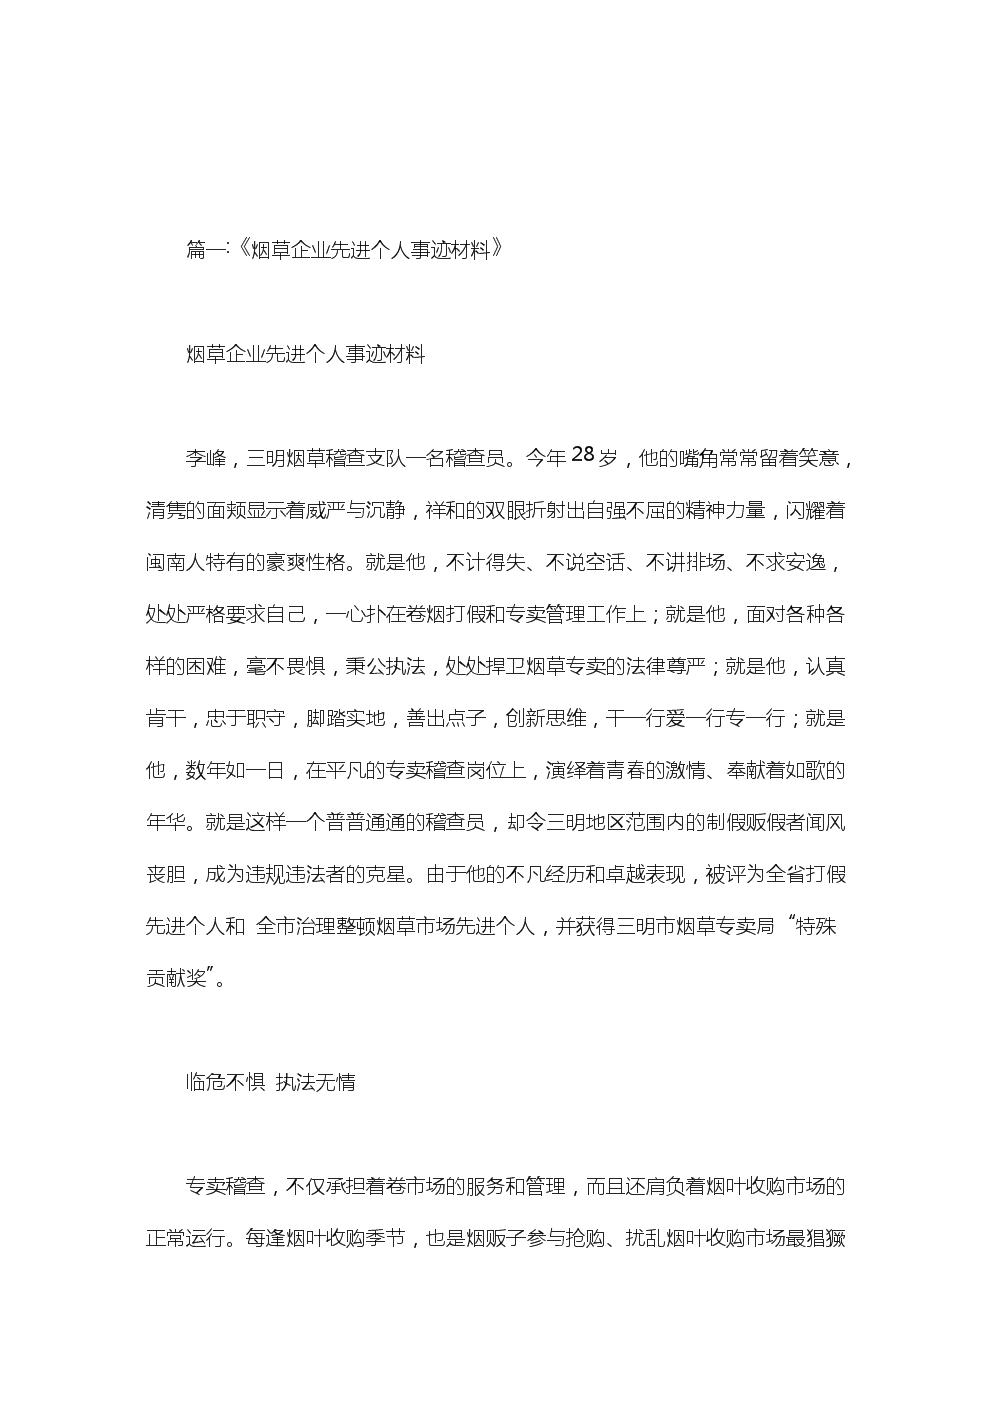 烟草行业个人事迹.doc